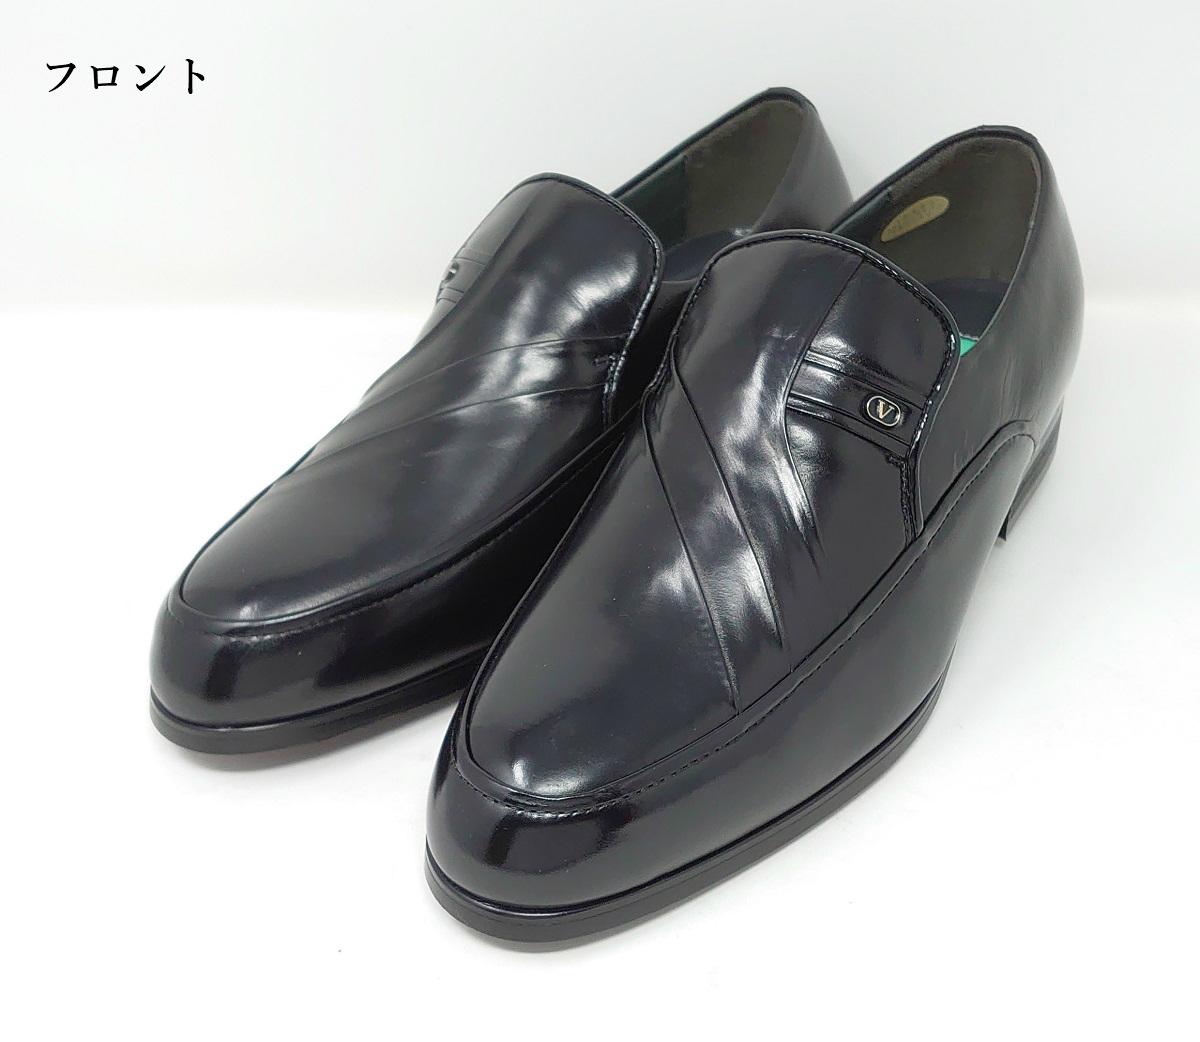 日本製 GLARIO VALENTINO 撥水 4516 本革 3E Uチップ バレンチノグラリオ モカシン 父の日 メンズシューズ